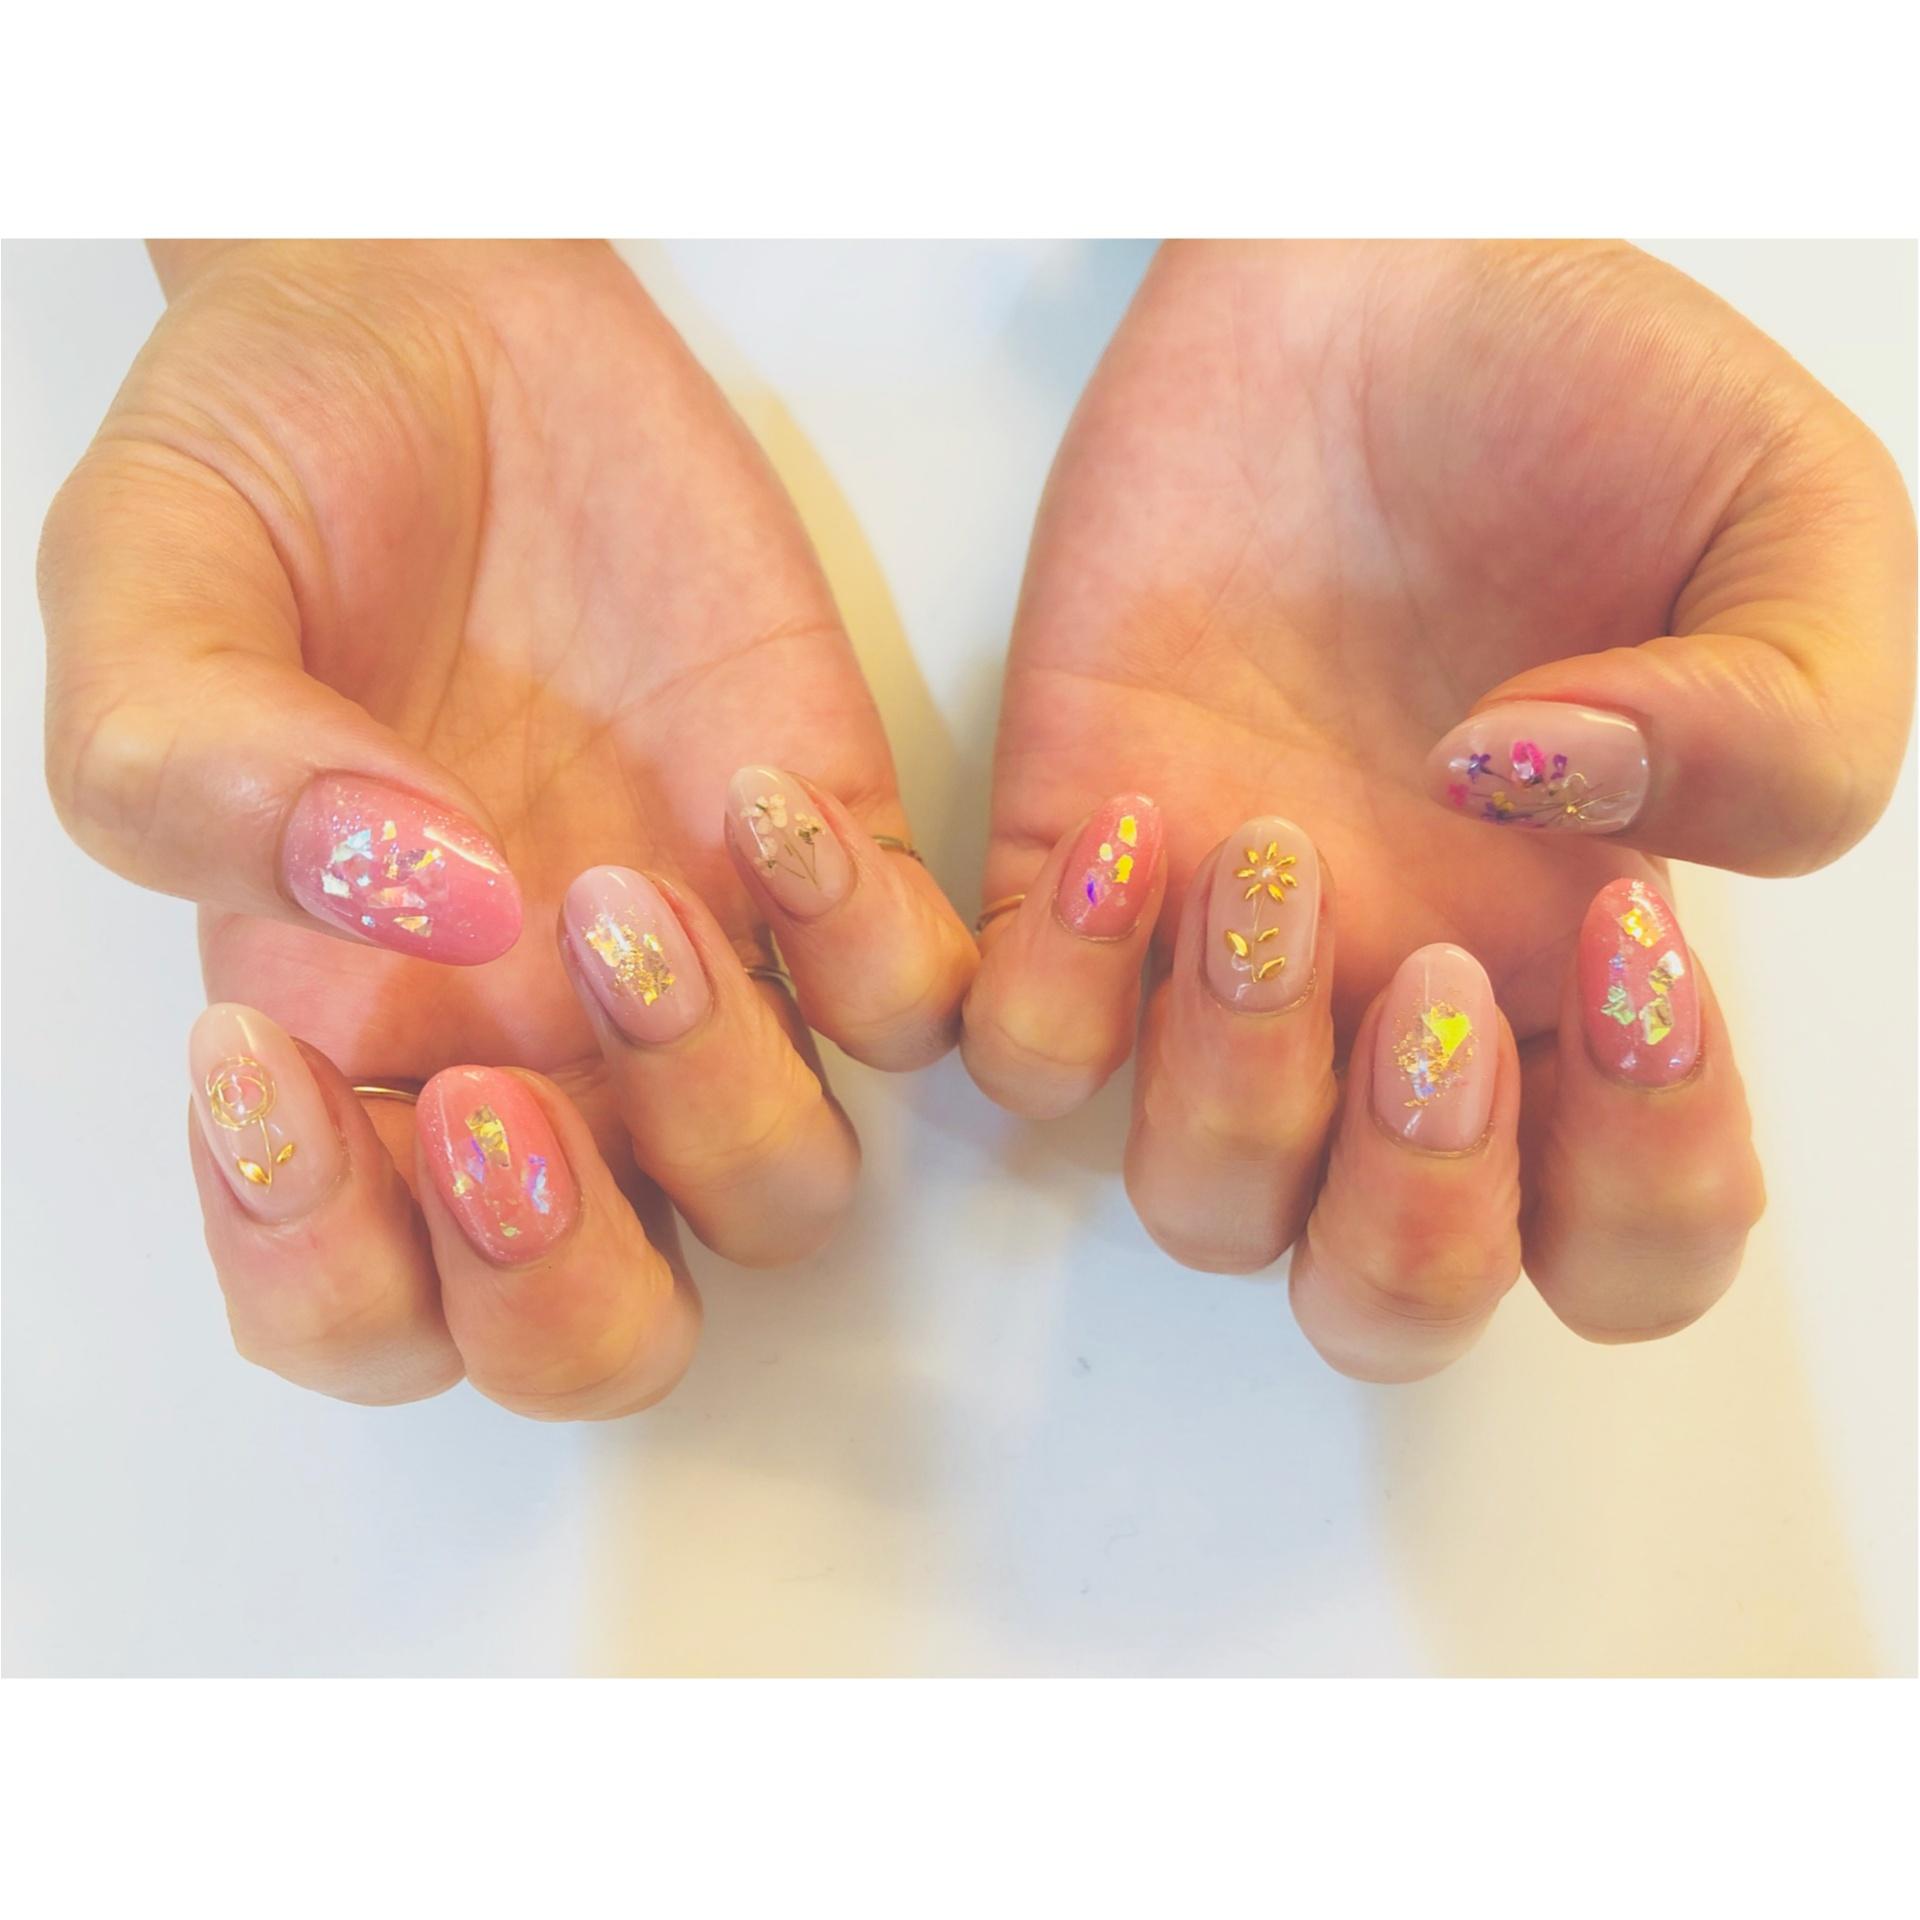 春らしさ満点のピンクと押し花ネイル_1